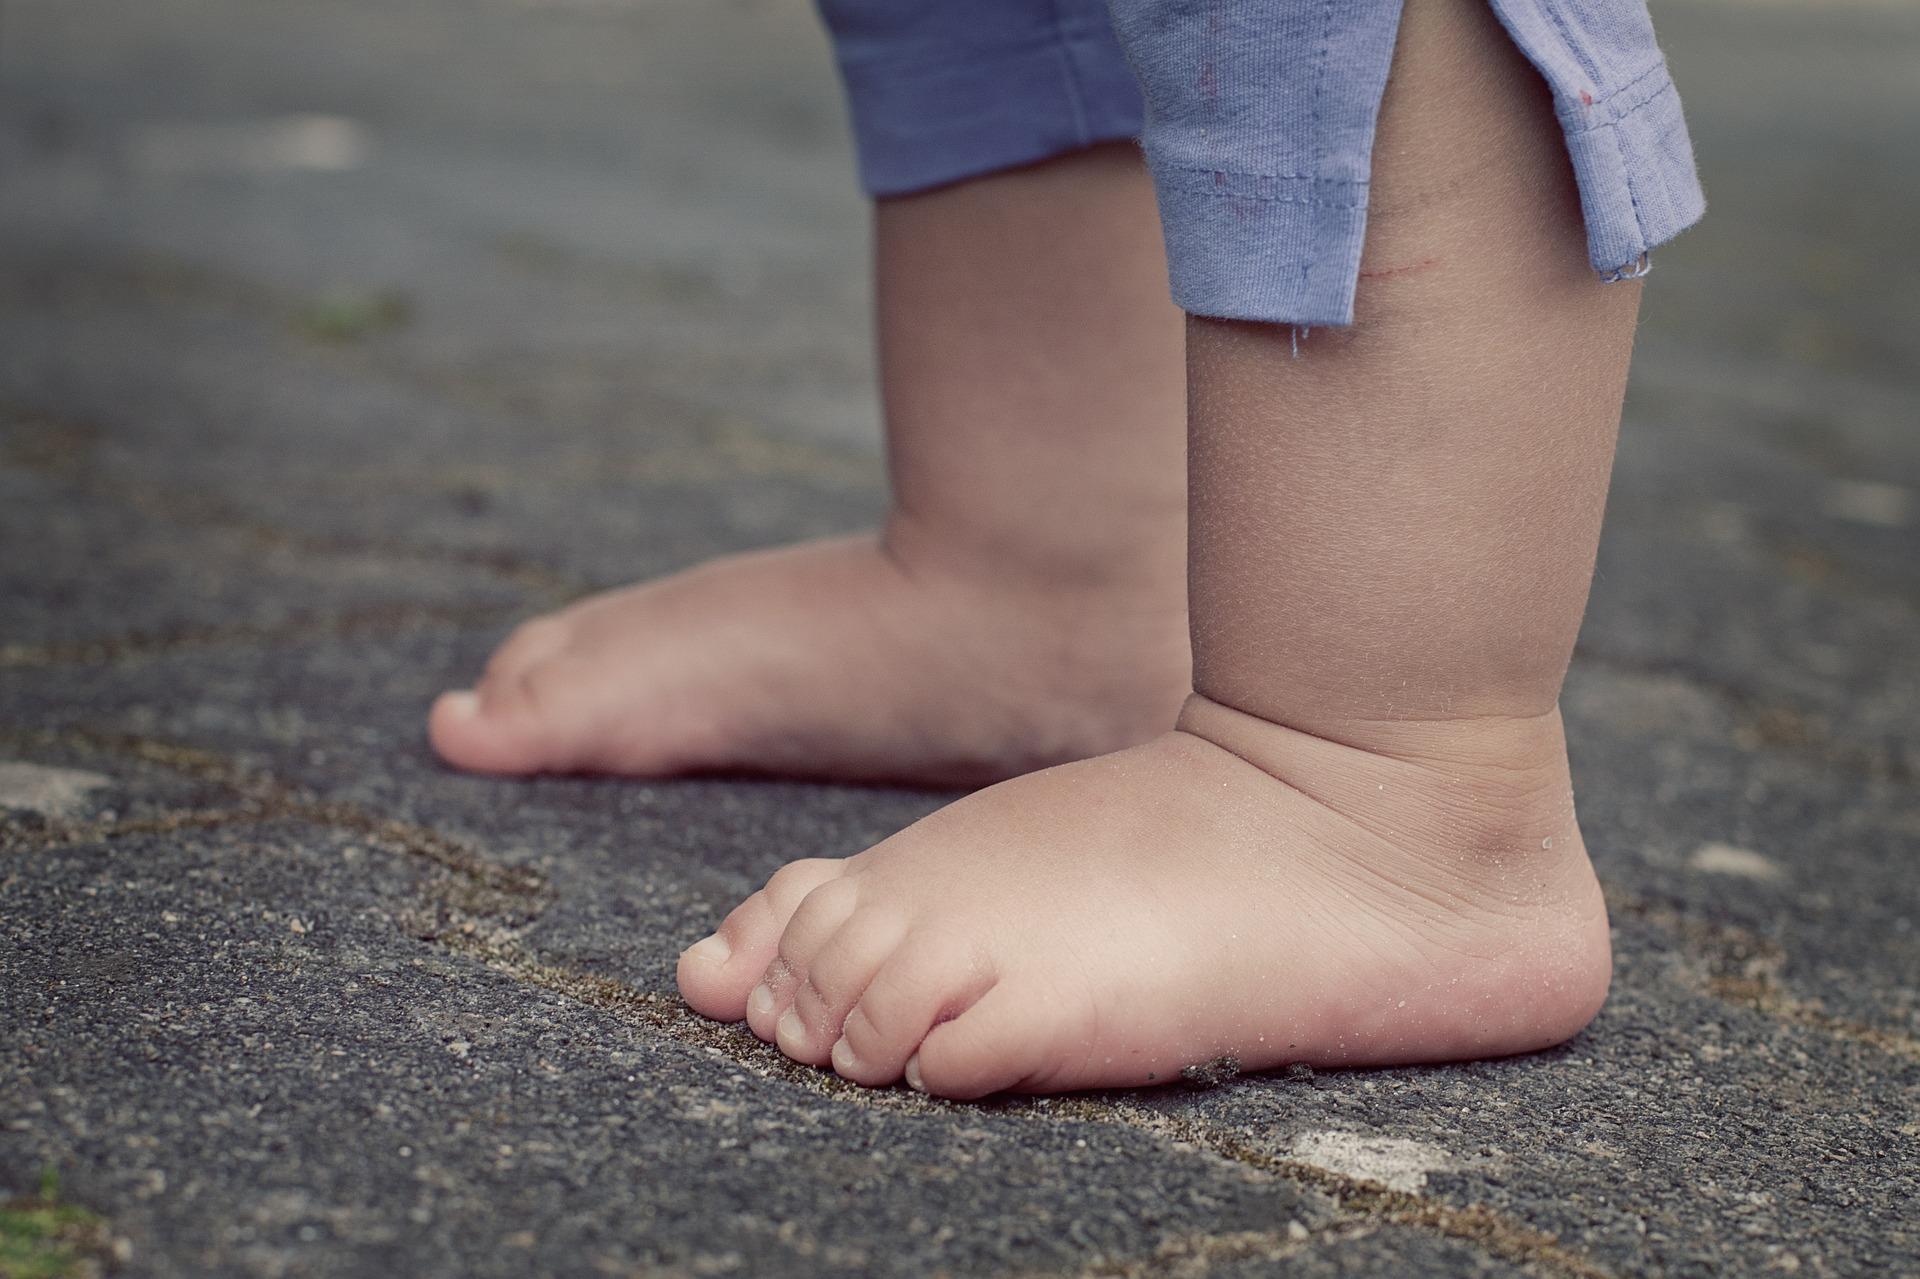 足首とアキレス腱が太い原因と足首を細くする為の解剖学的方法 #122